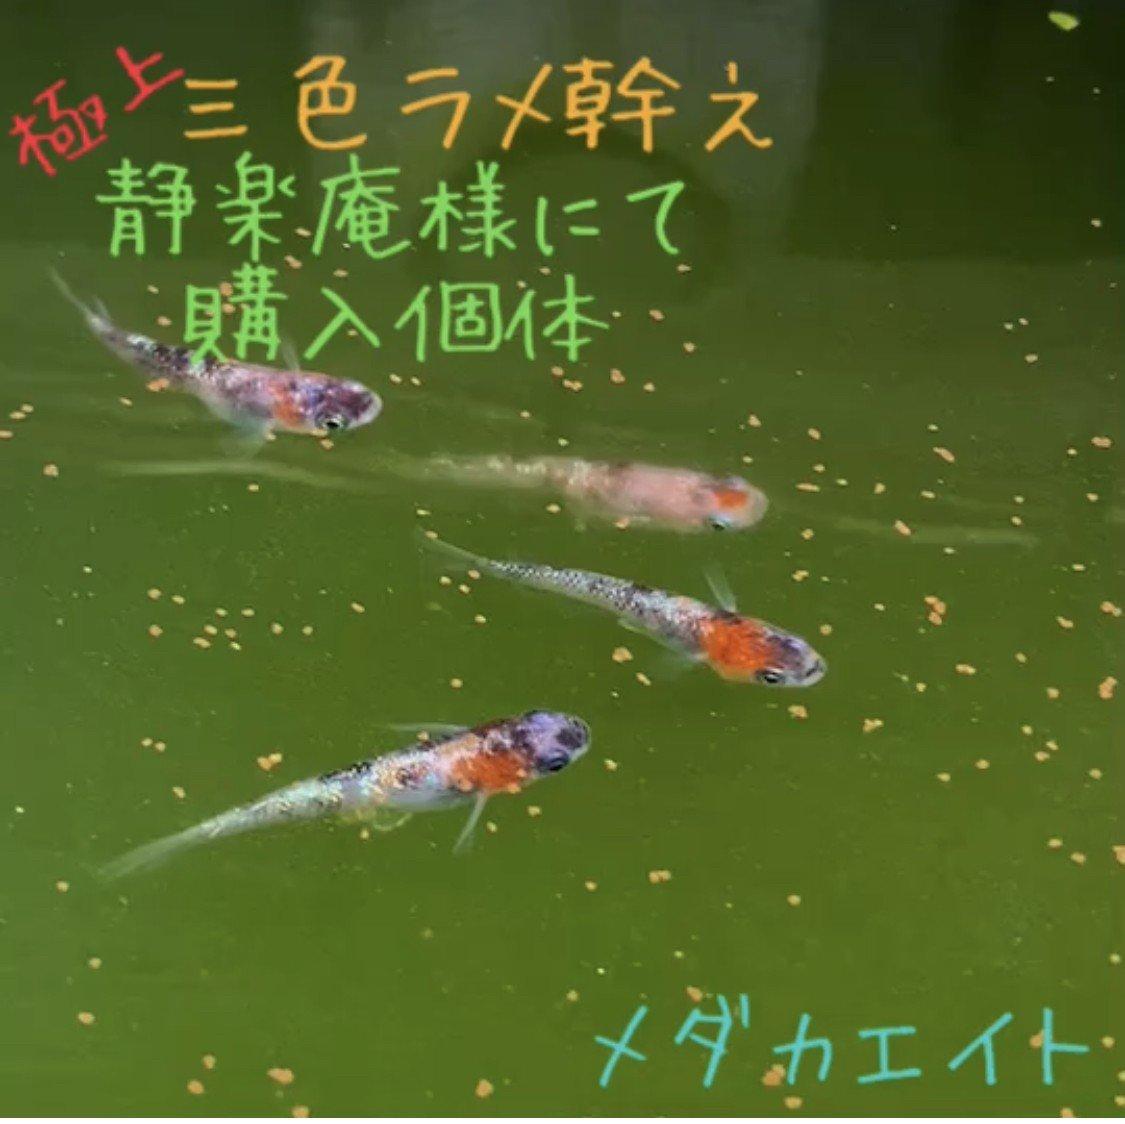 【メダカエイト】極上 三色ラメ幹之 メダカ 体外光タイプ 有精卵 10個+α 静楽庵様直接購入個体1